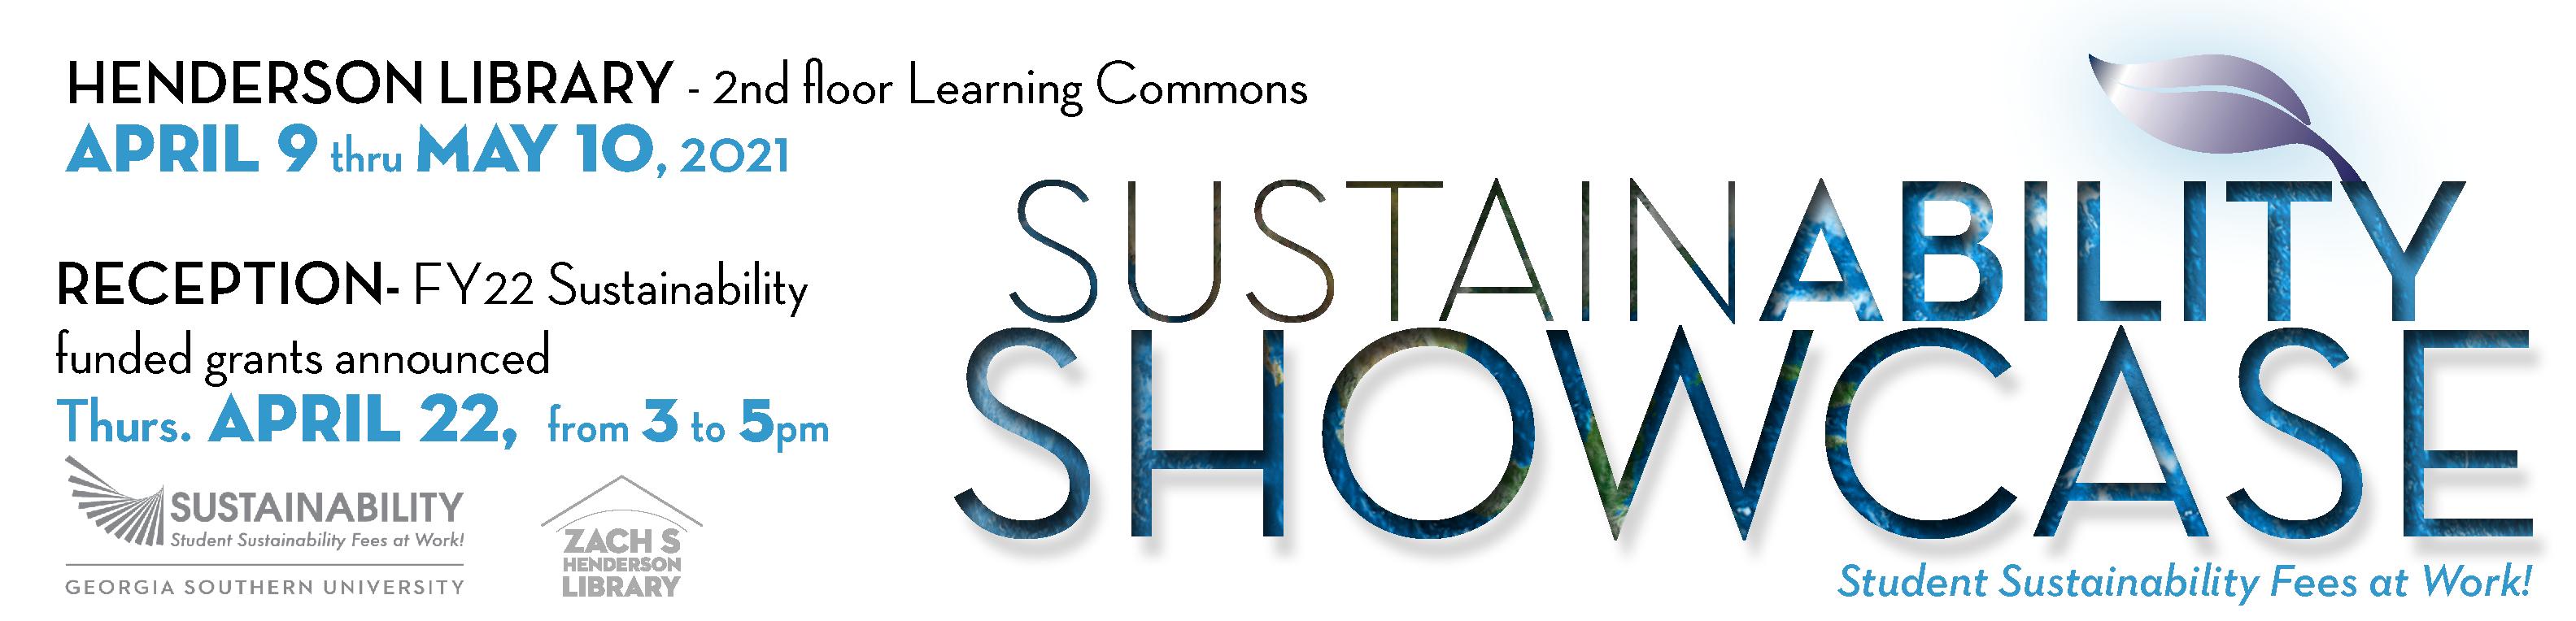 Sustainability Showcase dates